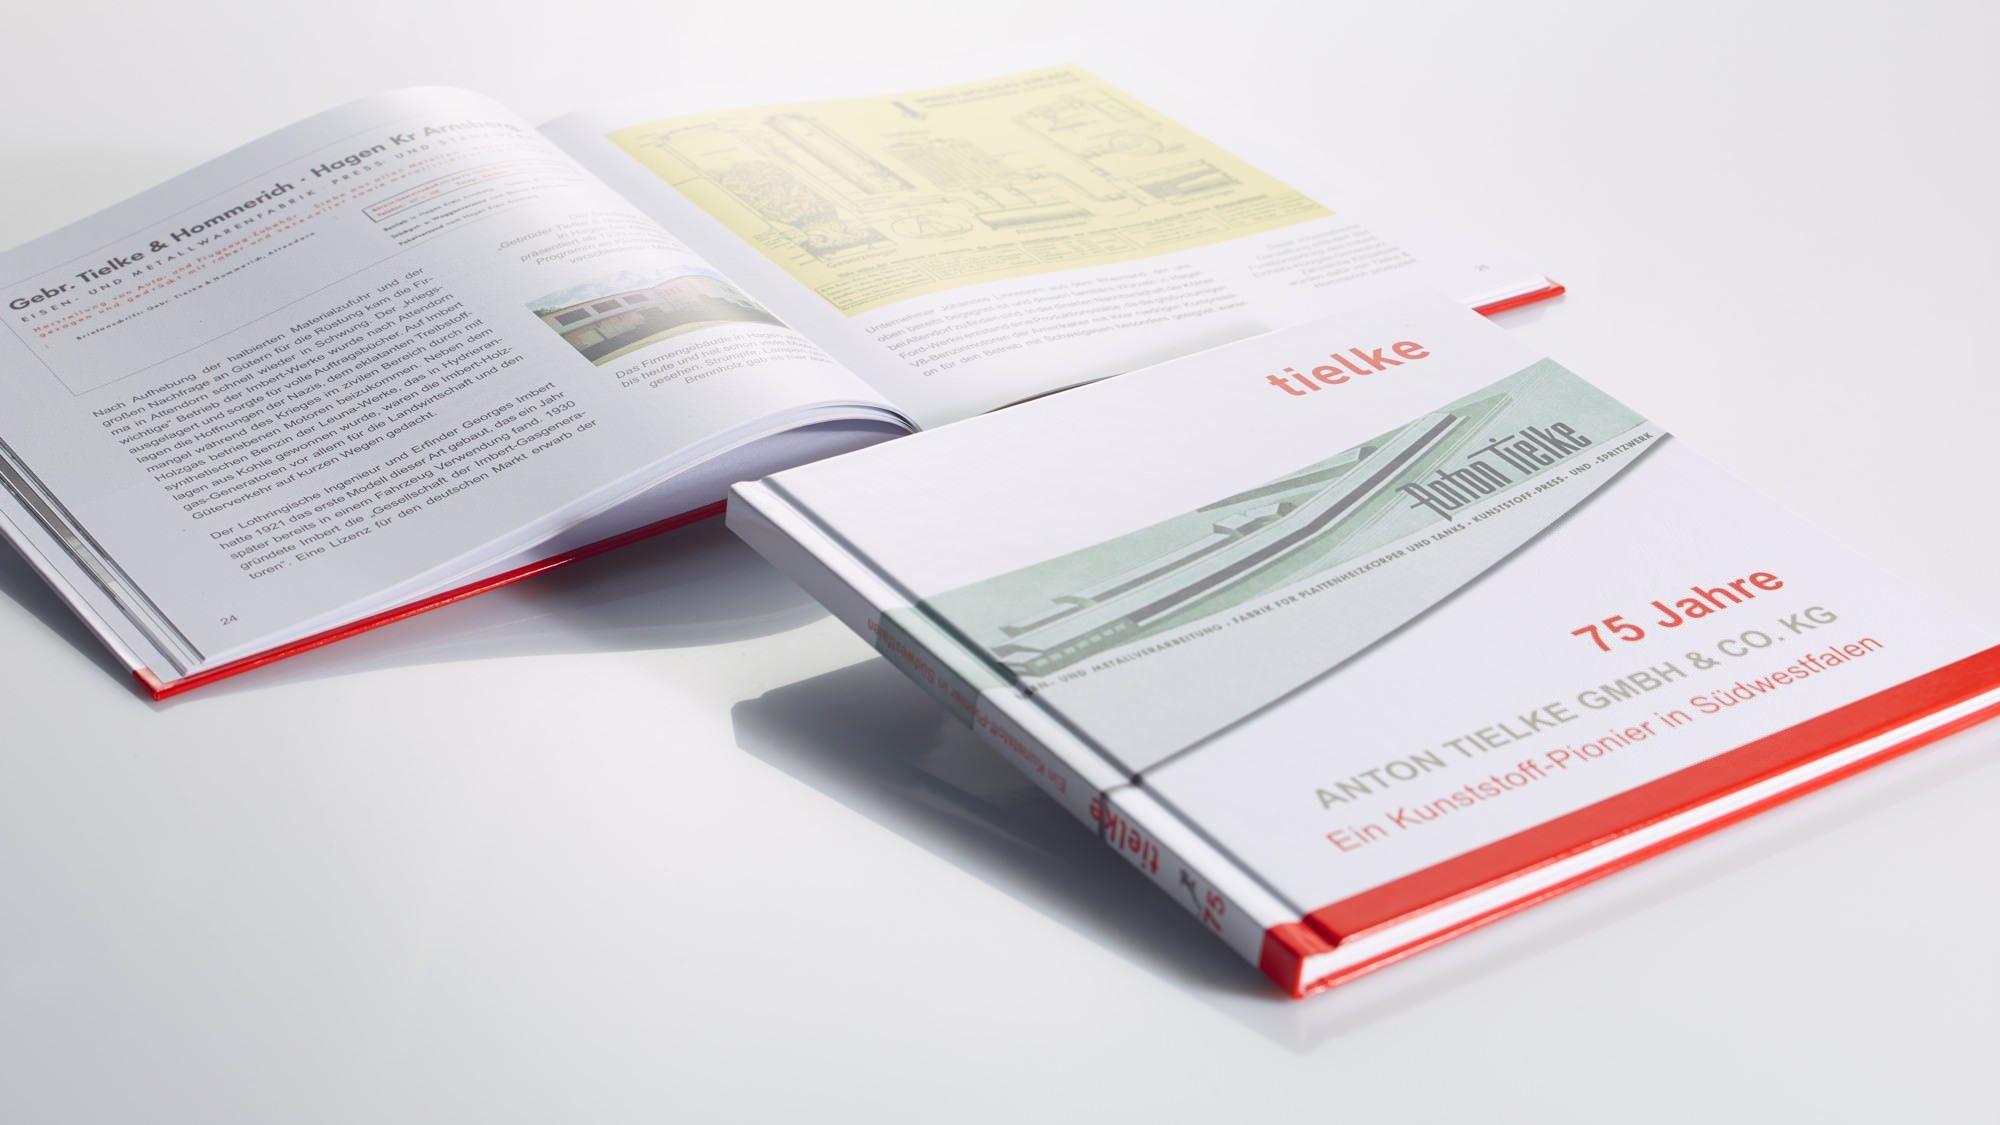 Hardcover drucken aus der Druckerei von FREY PRINT + MEDIA